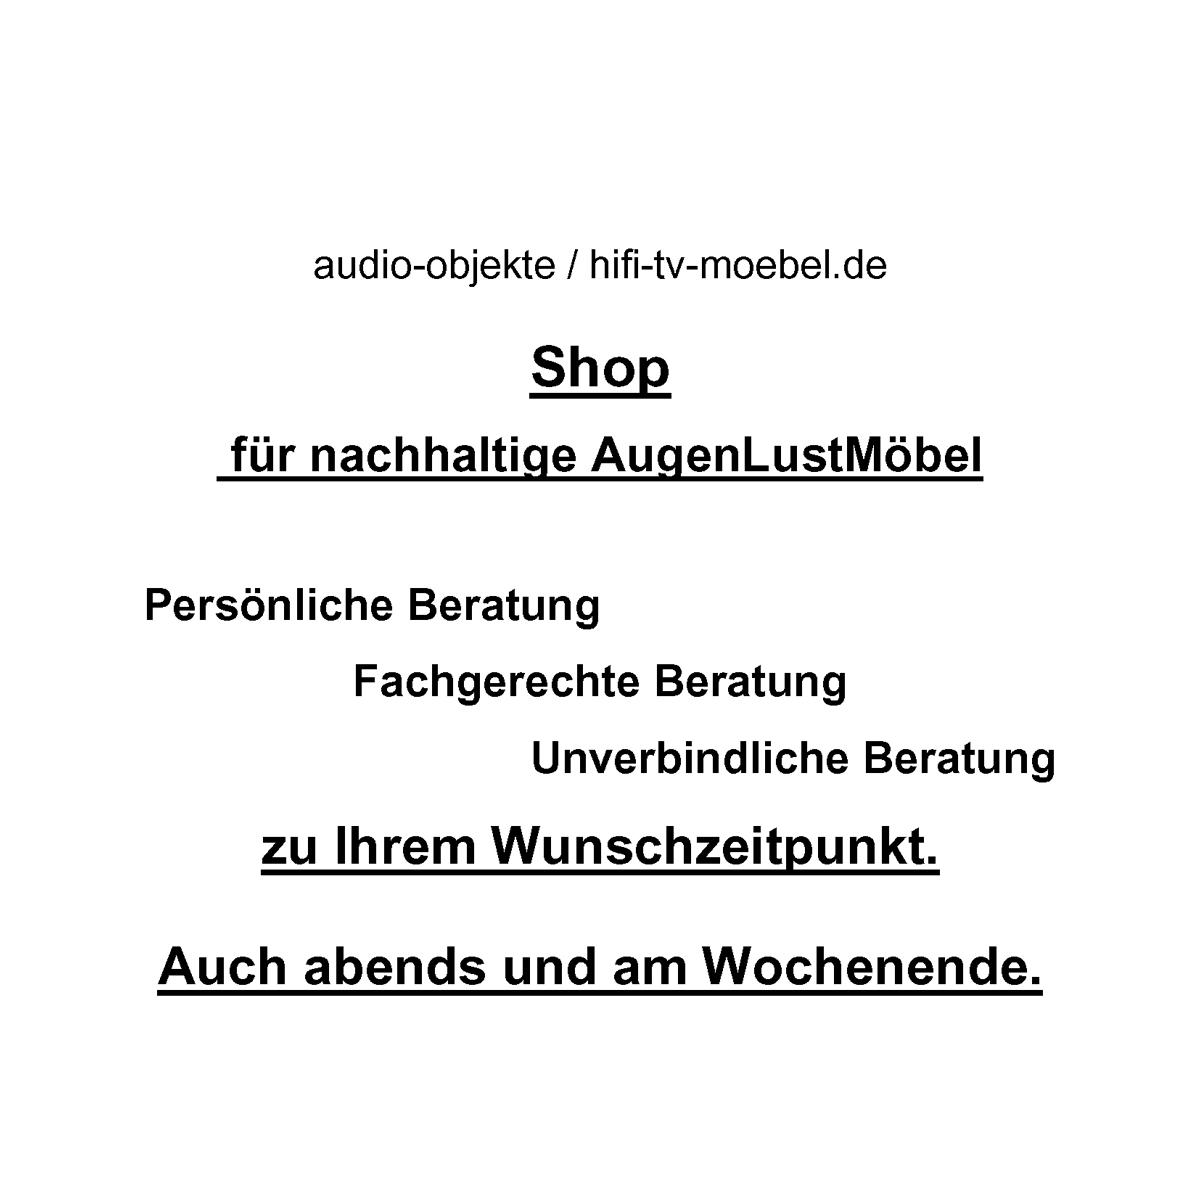 Beratung durch den Fachmann. Audio-Objekte-Fachmann-Hifi-TV-Möbel.